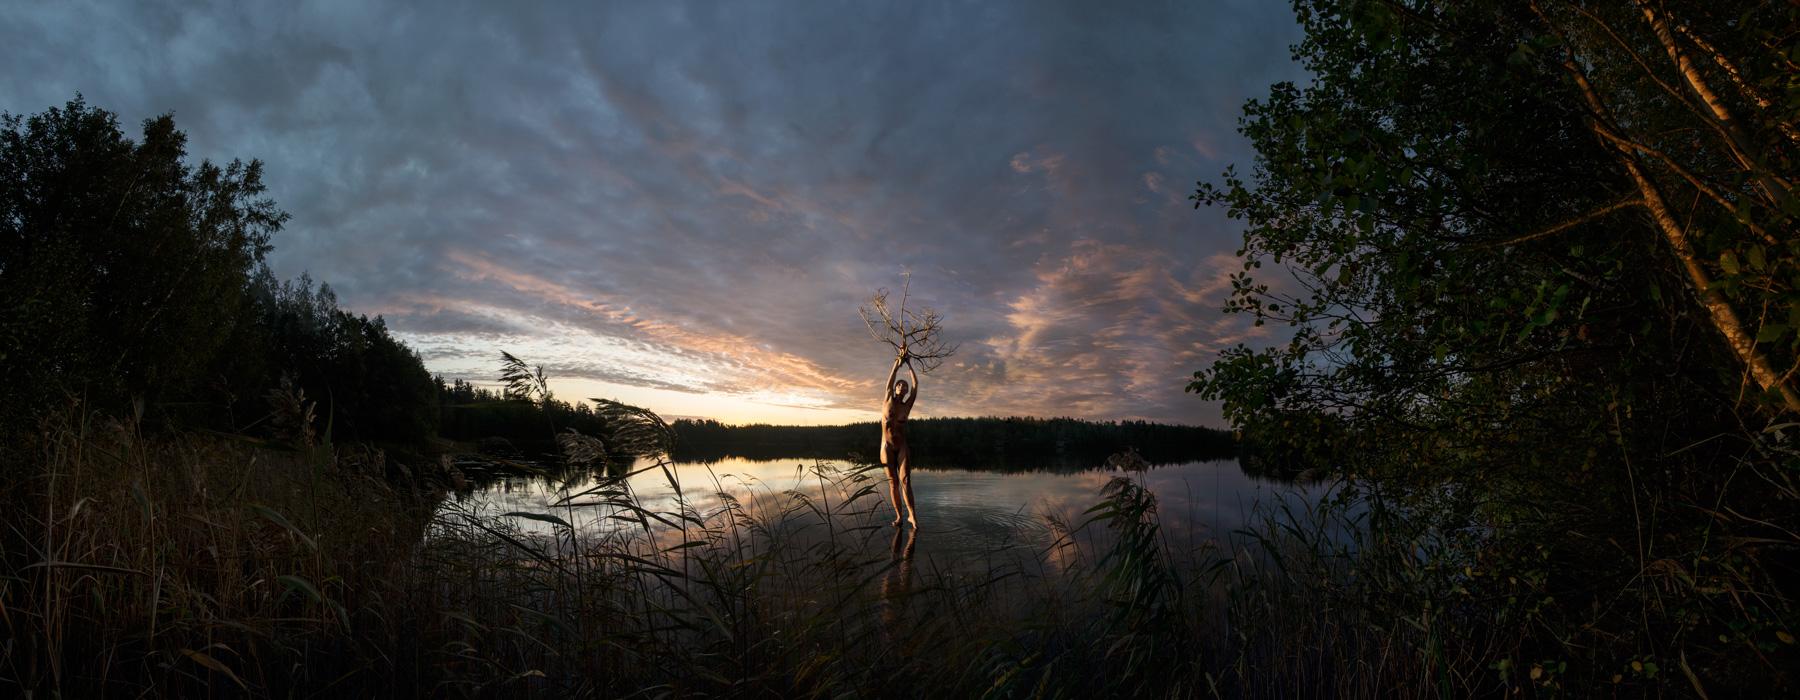 KÄÄNNA JUURI XIV. Fotografía y retoque digital. Lago Kelhajarvi, Hämeenkyrö, Finlandia